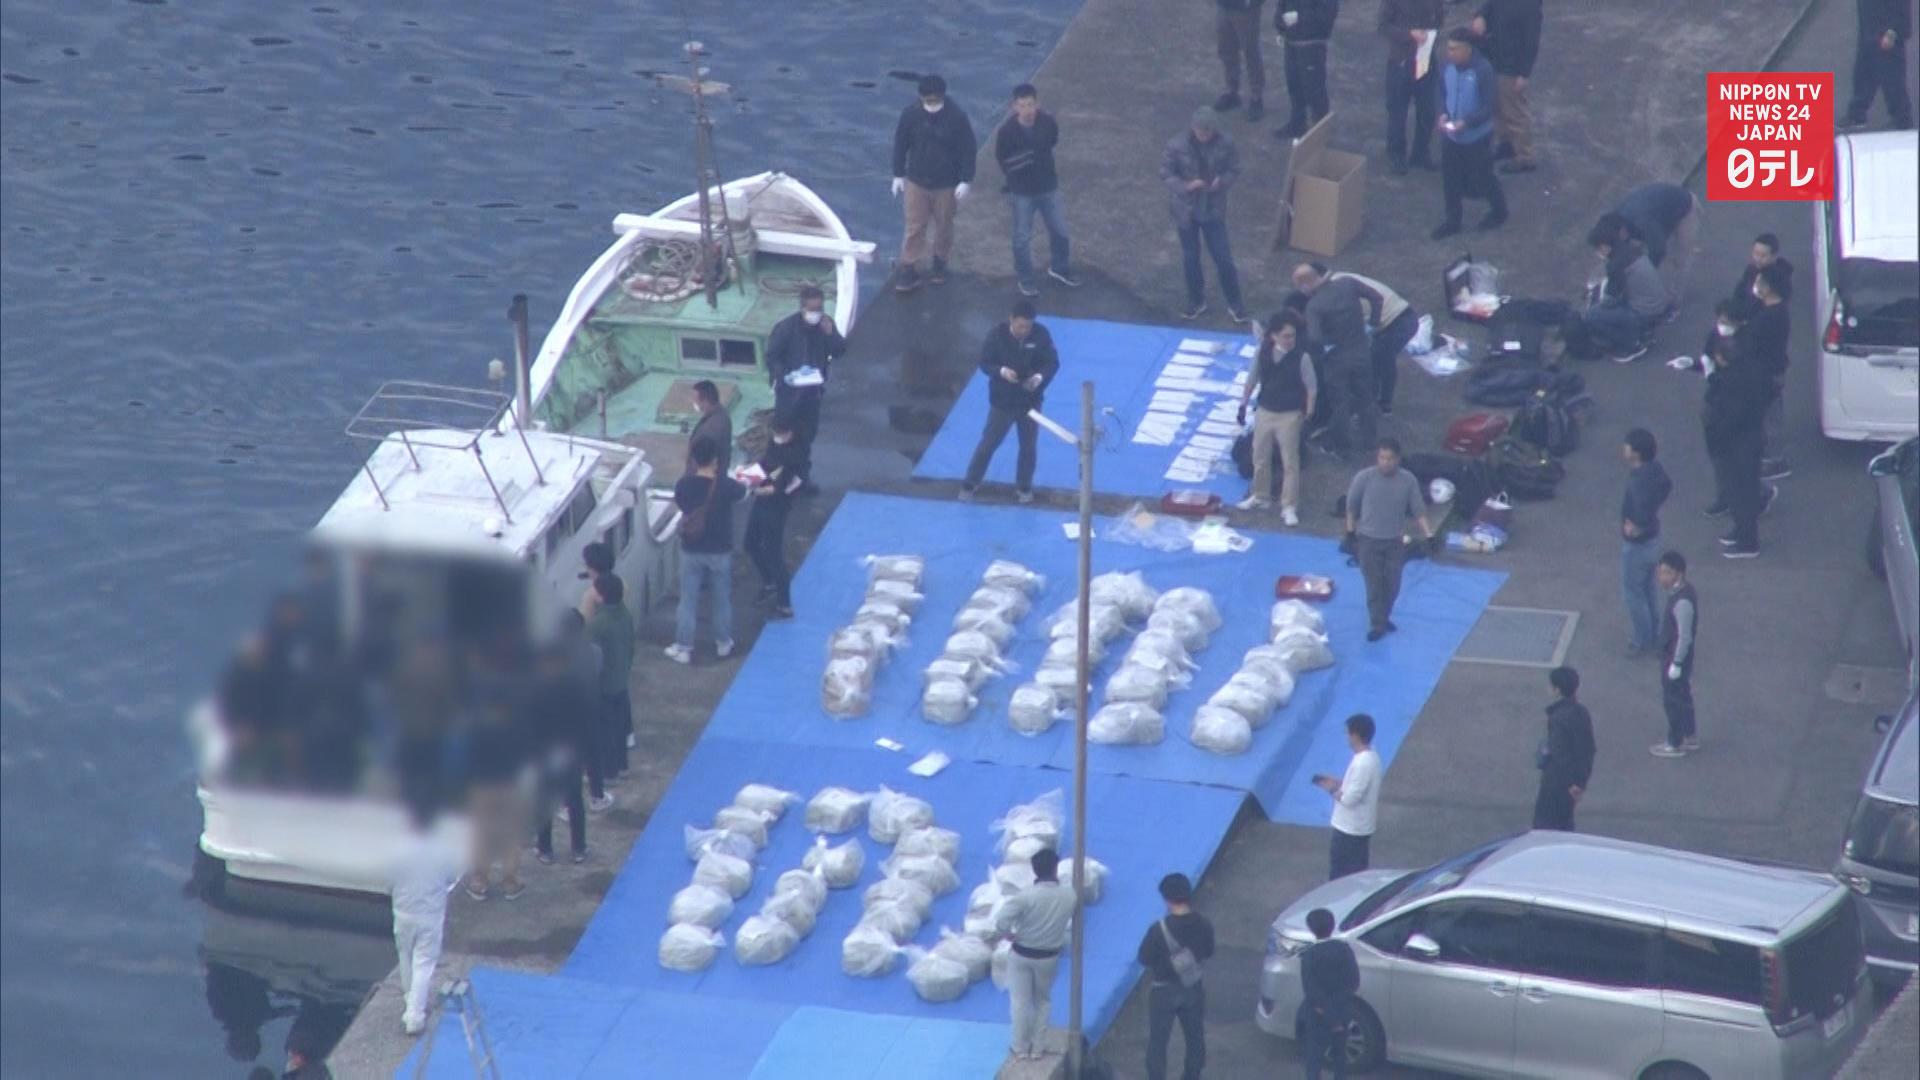 3 nabbed for smuggling 600 kg of stimulants